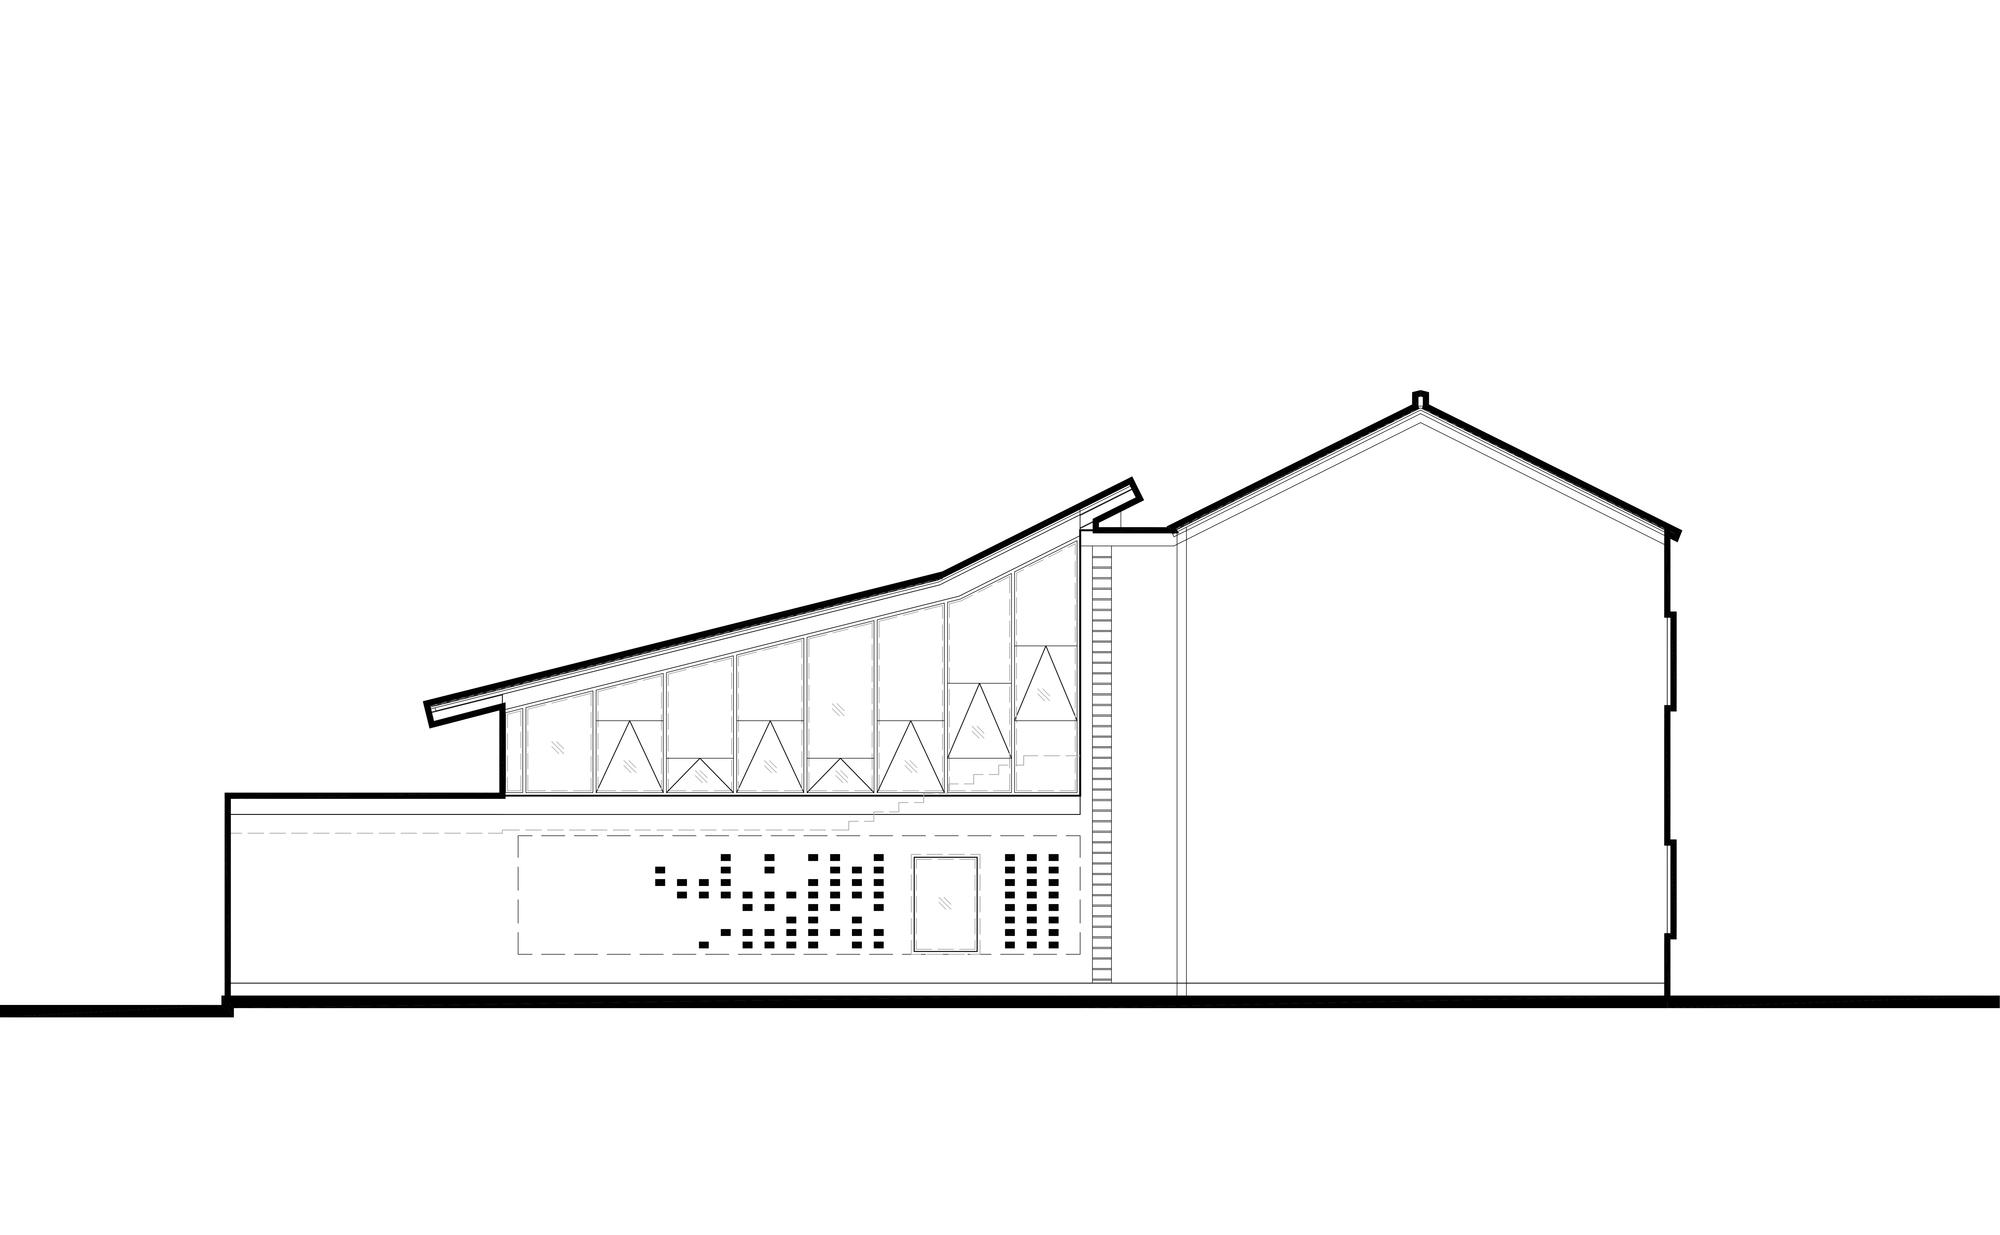 西浜村农房改造工程二期 / 中国建筑设计研究院